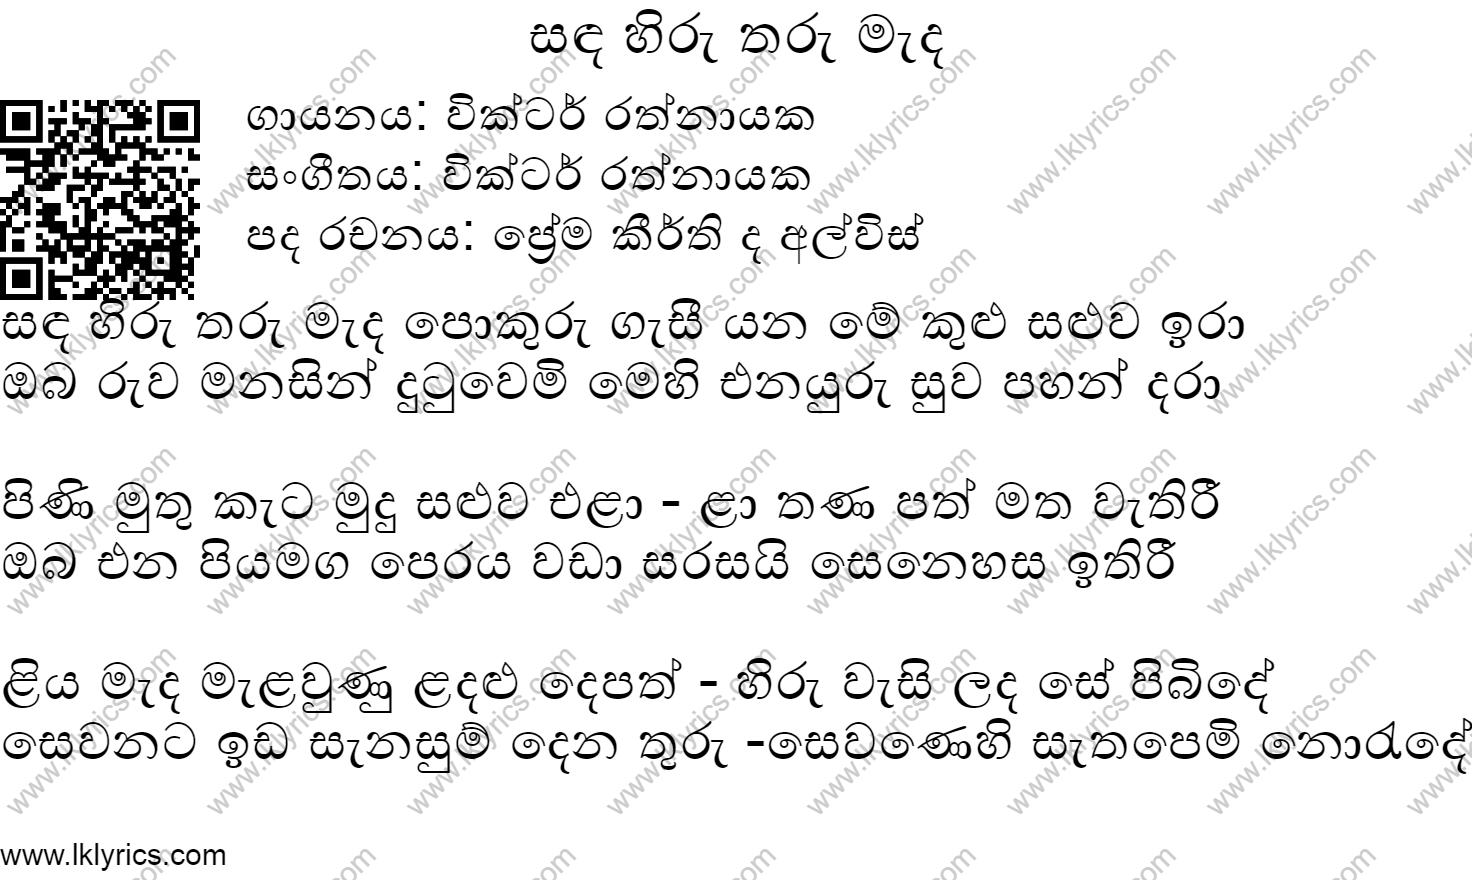 Sanda Hiru Tharu Mada Lyrics Lk Lyrics Pana mada kadithi (cover) mp3 song by api machan. sanda hiru tharu mada lyrics lk lyrics